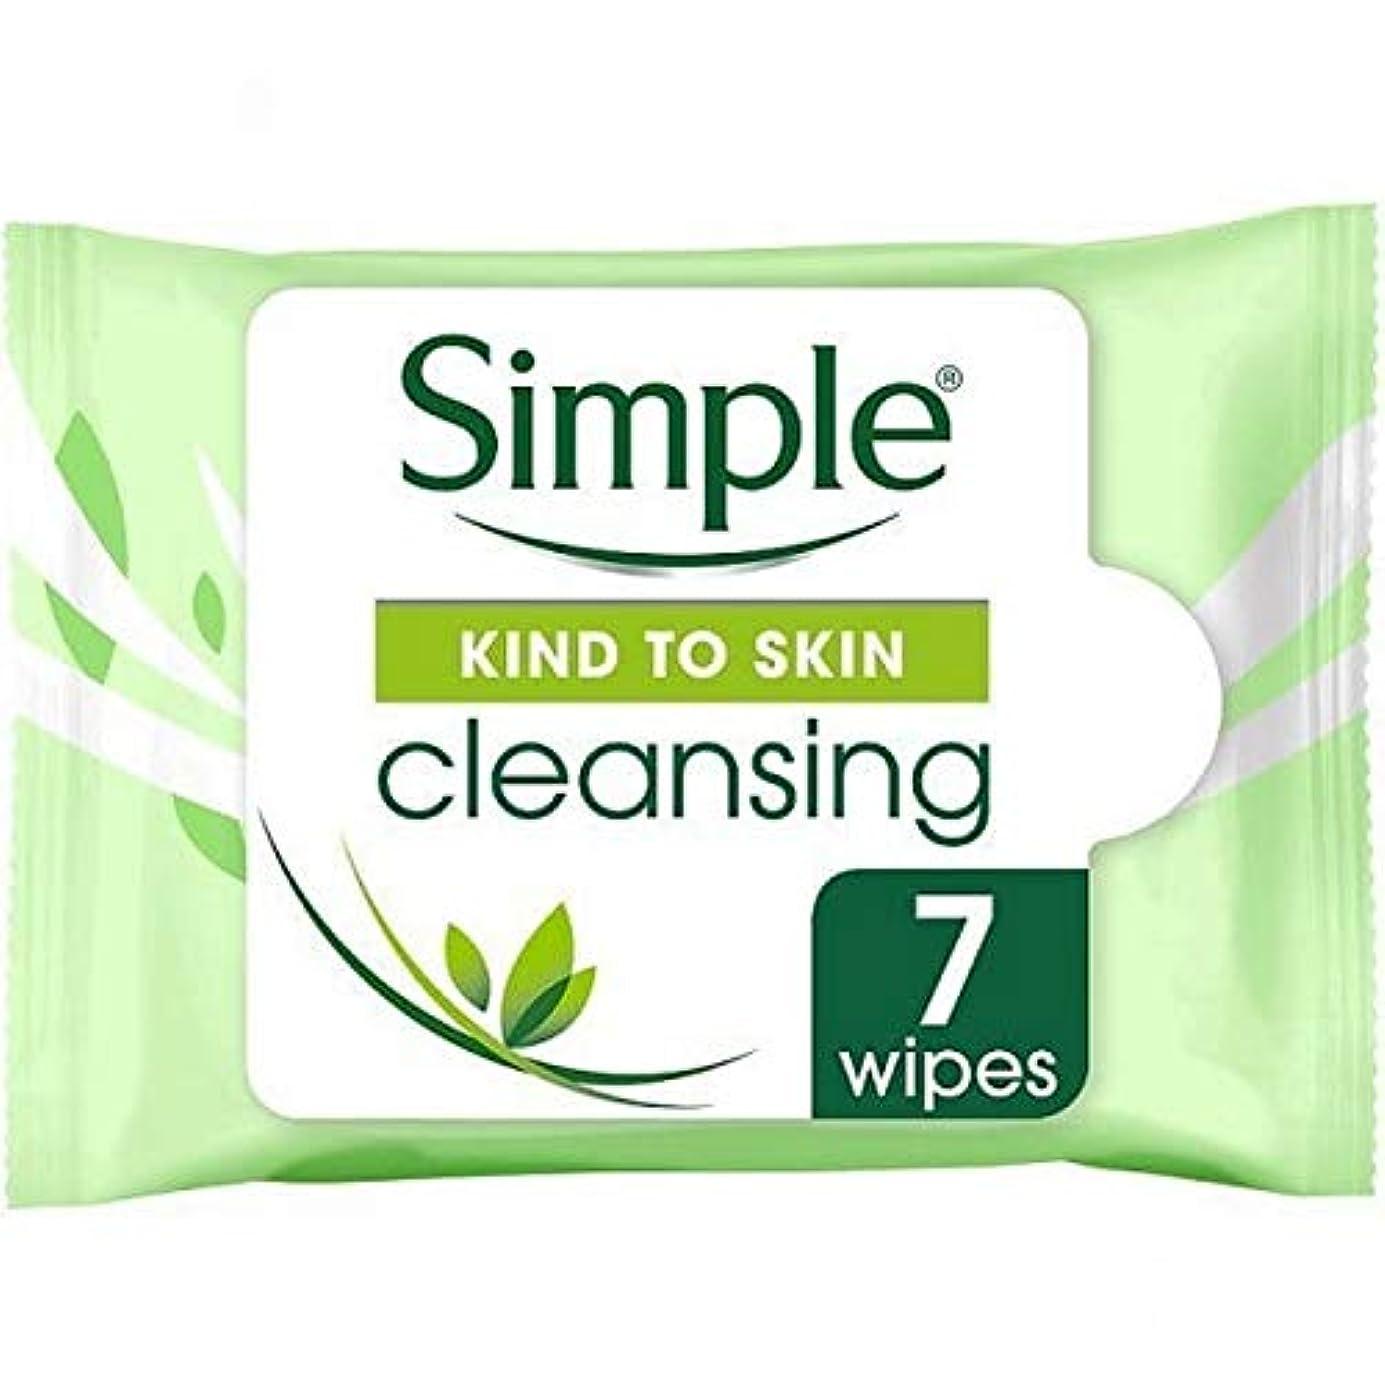 ドアミラー会話型建設[Simple ] 顔のワイプの7Sクレンジング肌への単純な種類 - Simple Kind To Skin Cleansing Facial Wipes 7s [並行輸入品]